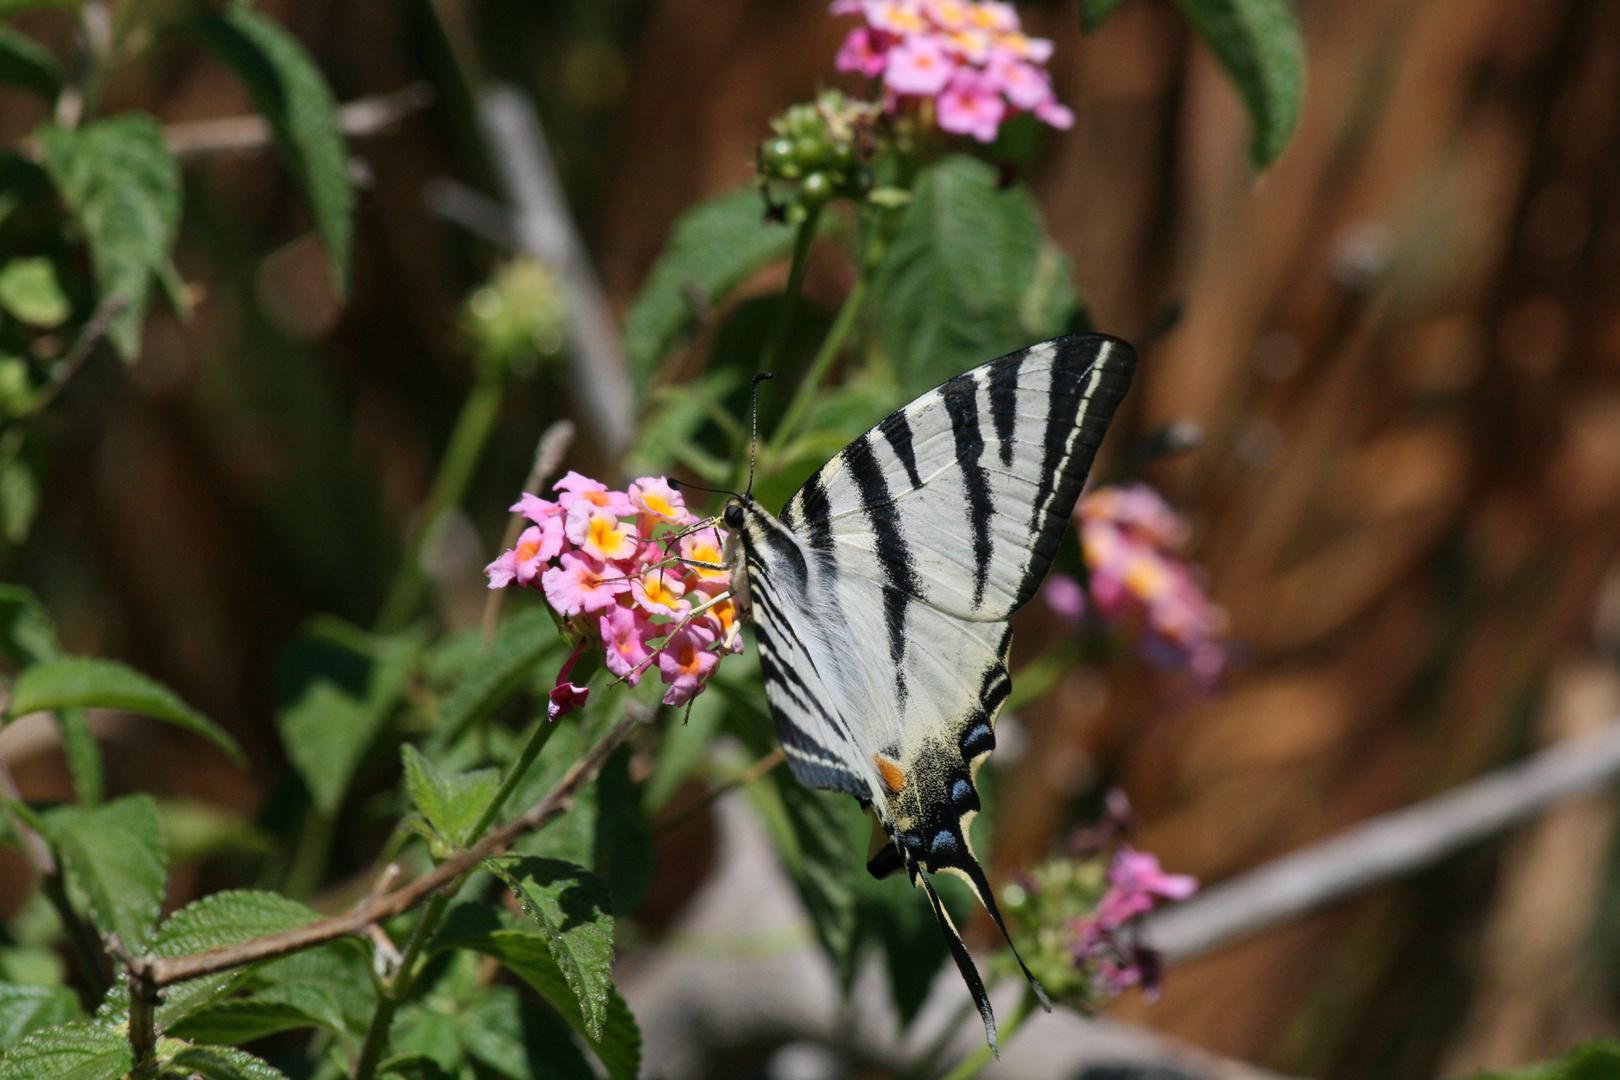 Ein sehr schöner Schmetterling.